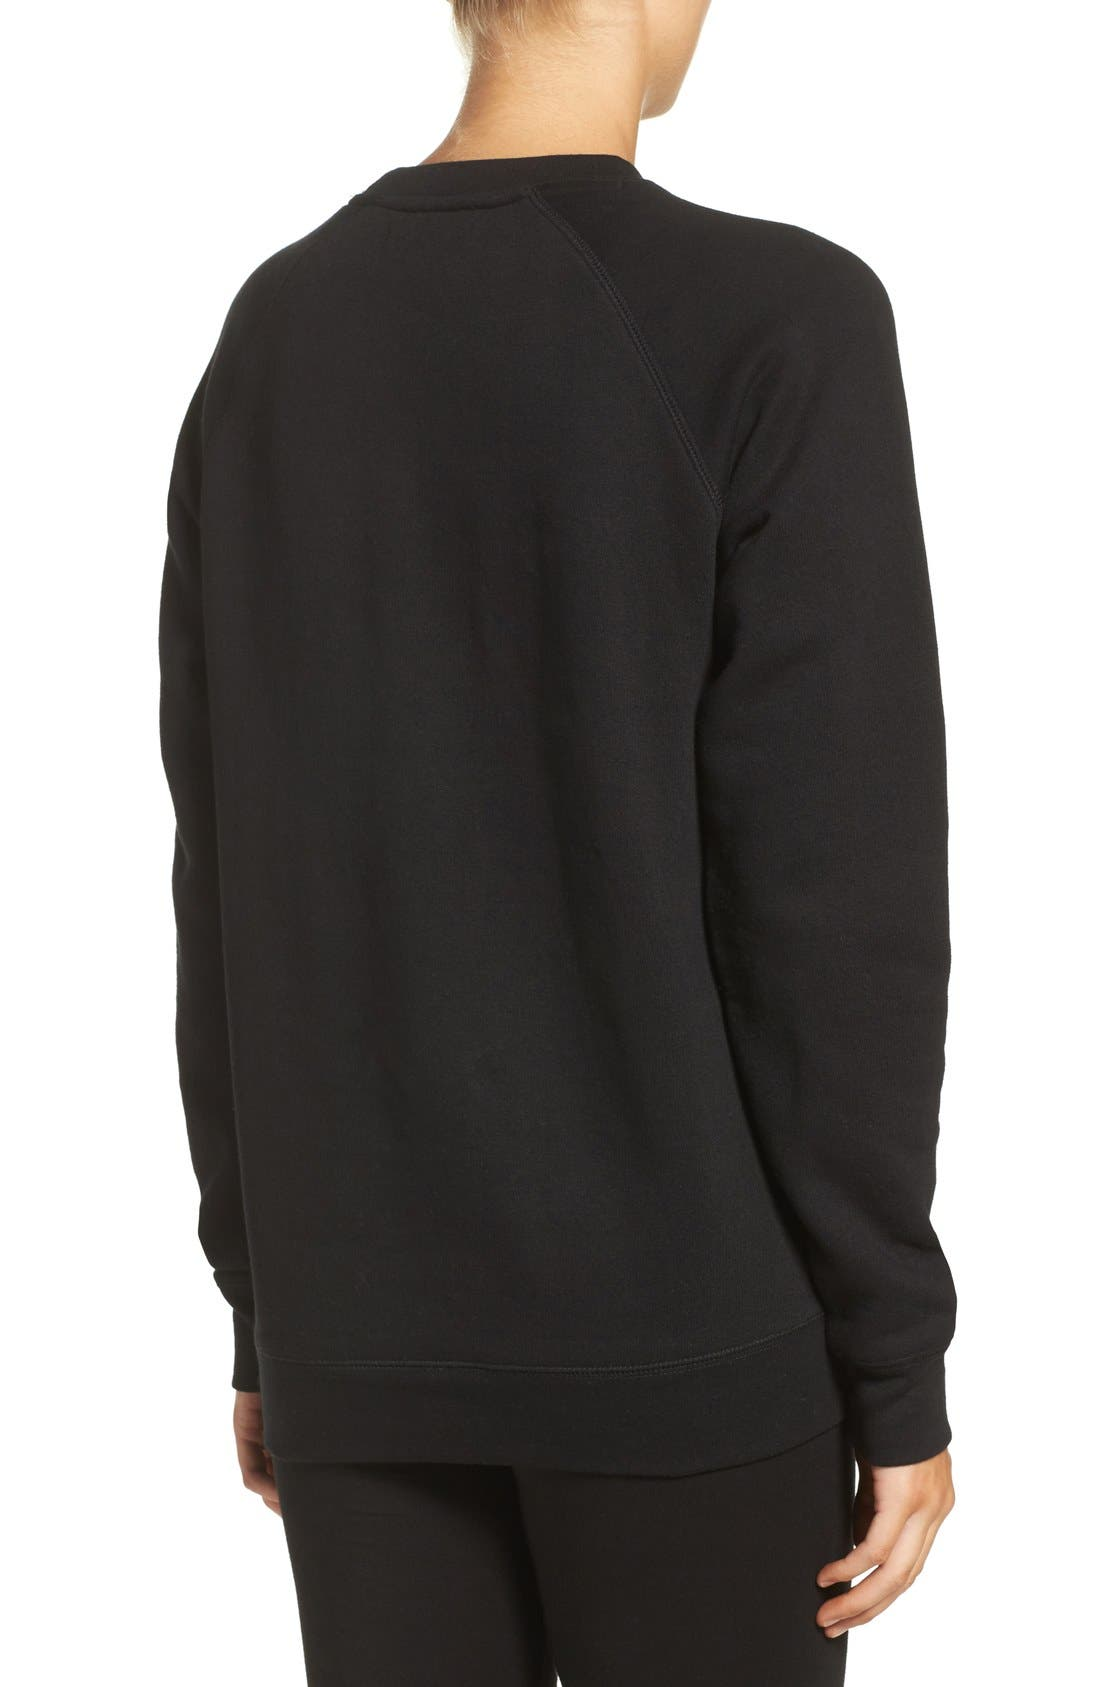 BRUNETTE THE LABEL, 'Babes Who Brunch' Crewneck Sweatshirt, Alternate thumbnail 2, color, 001